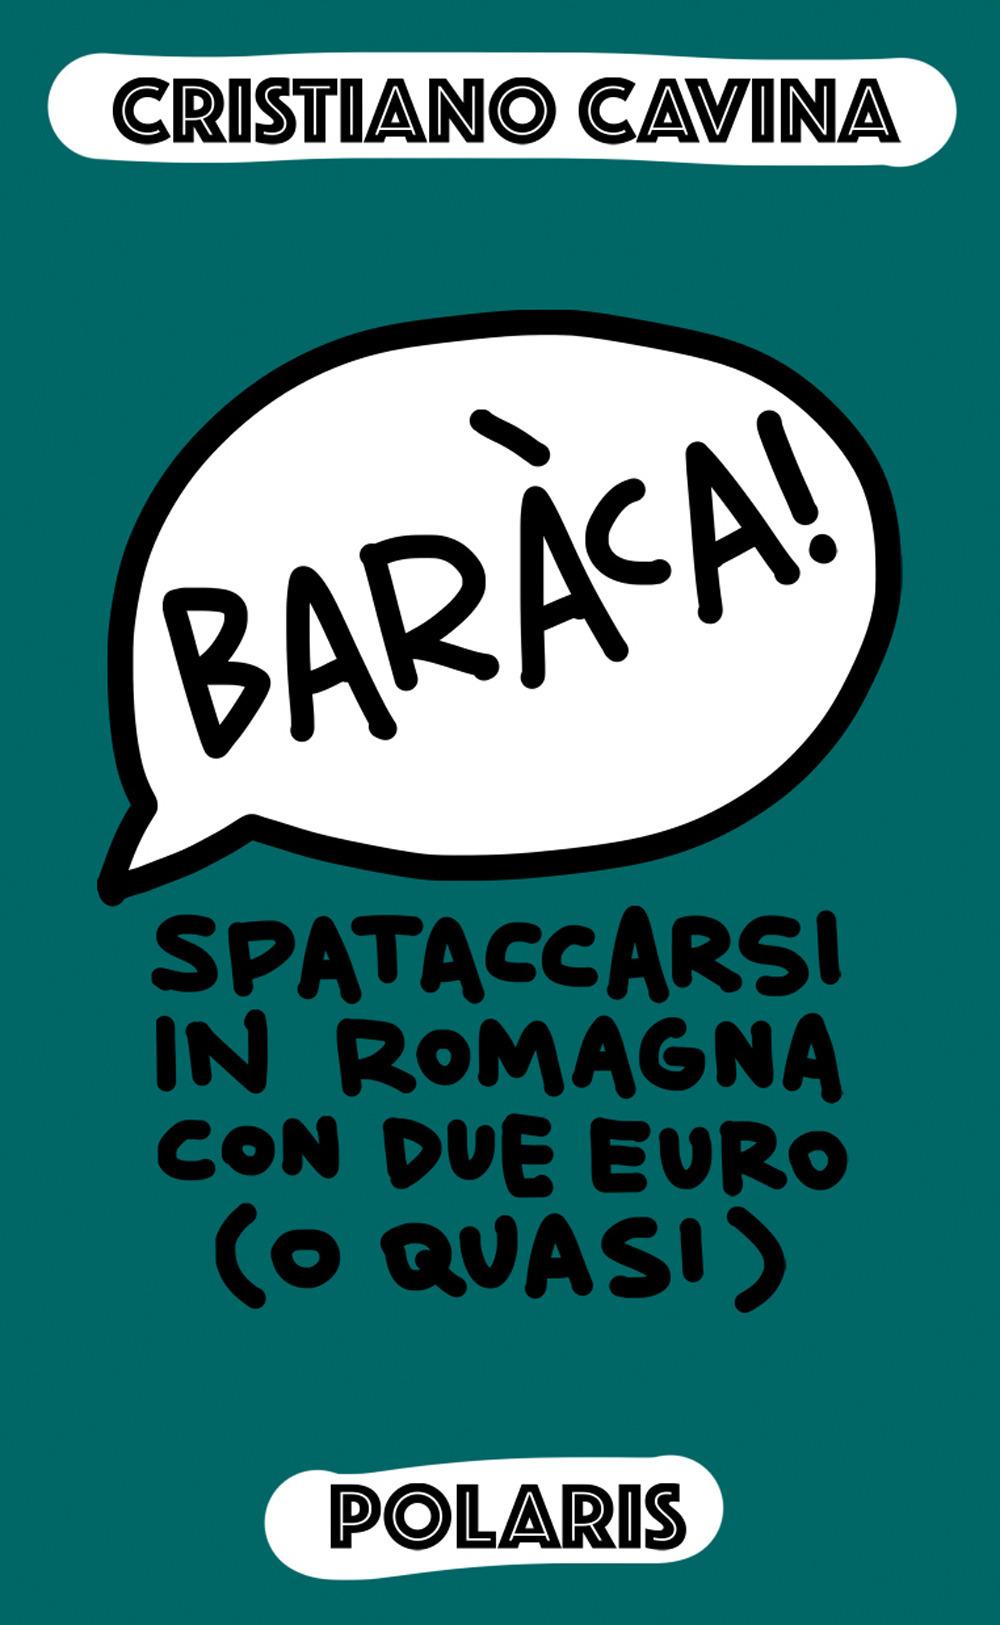 Baràca! Spataccarsi in Romagna con due euro (o quasi)